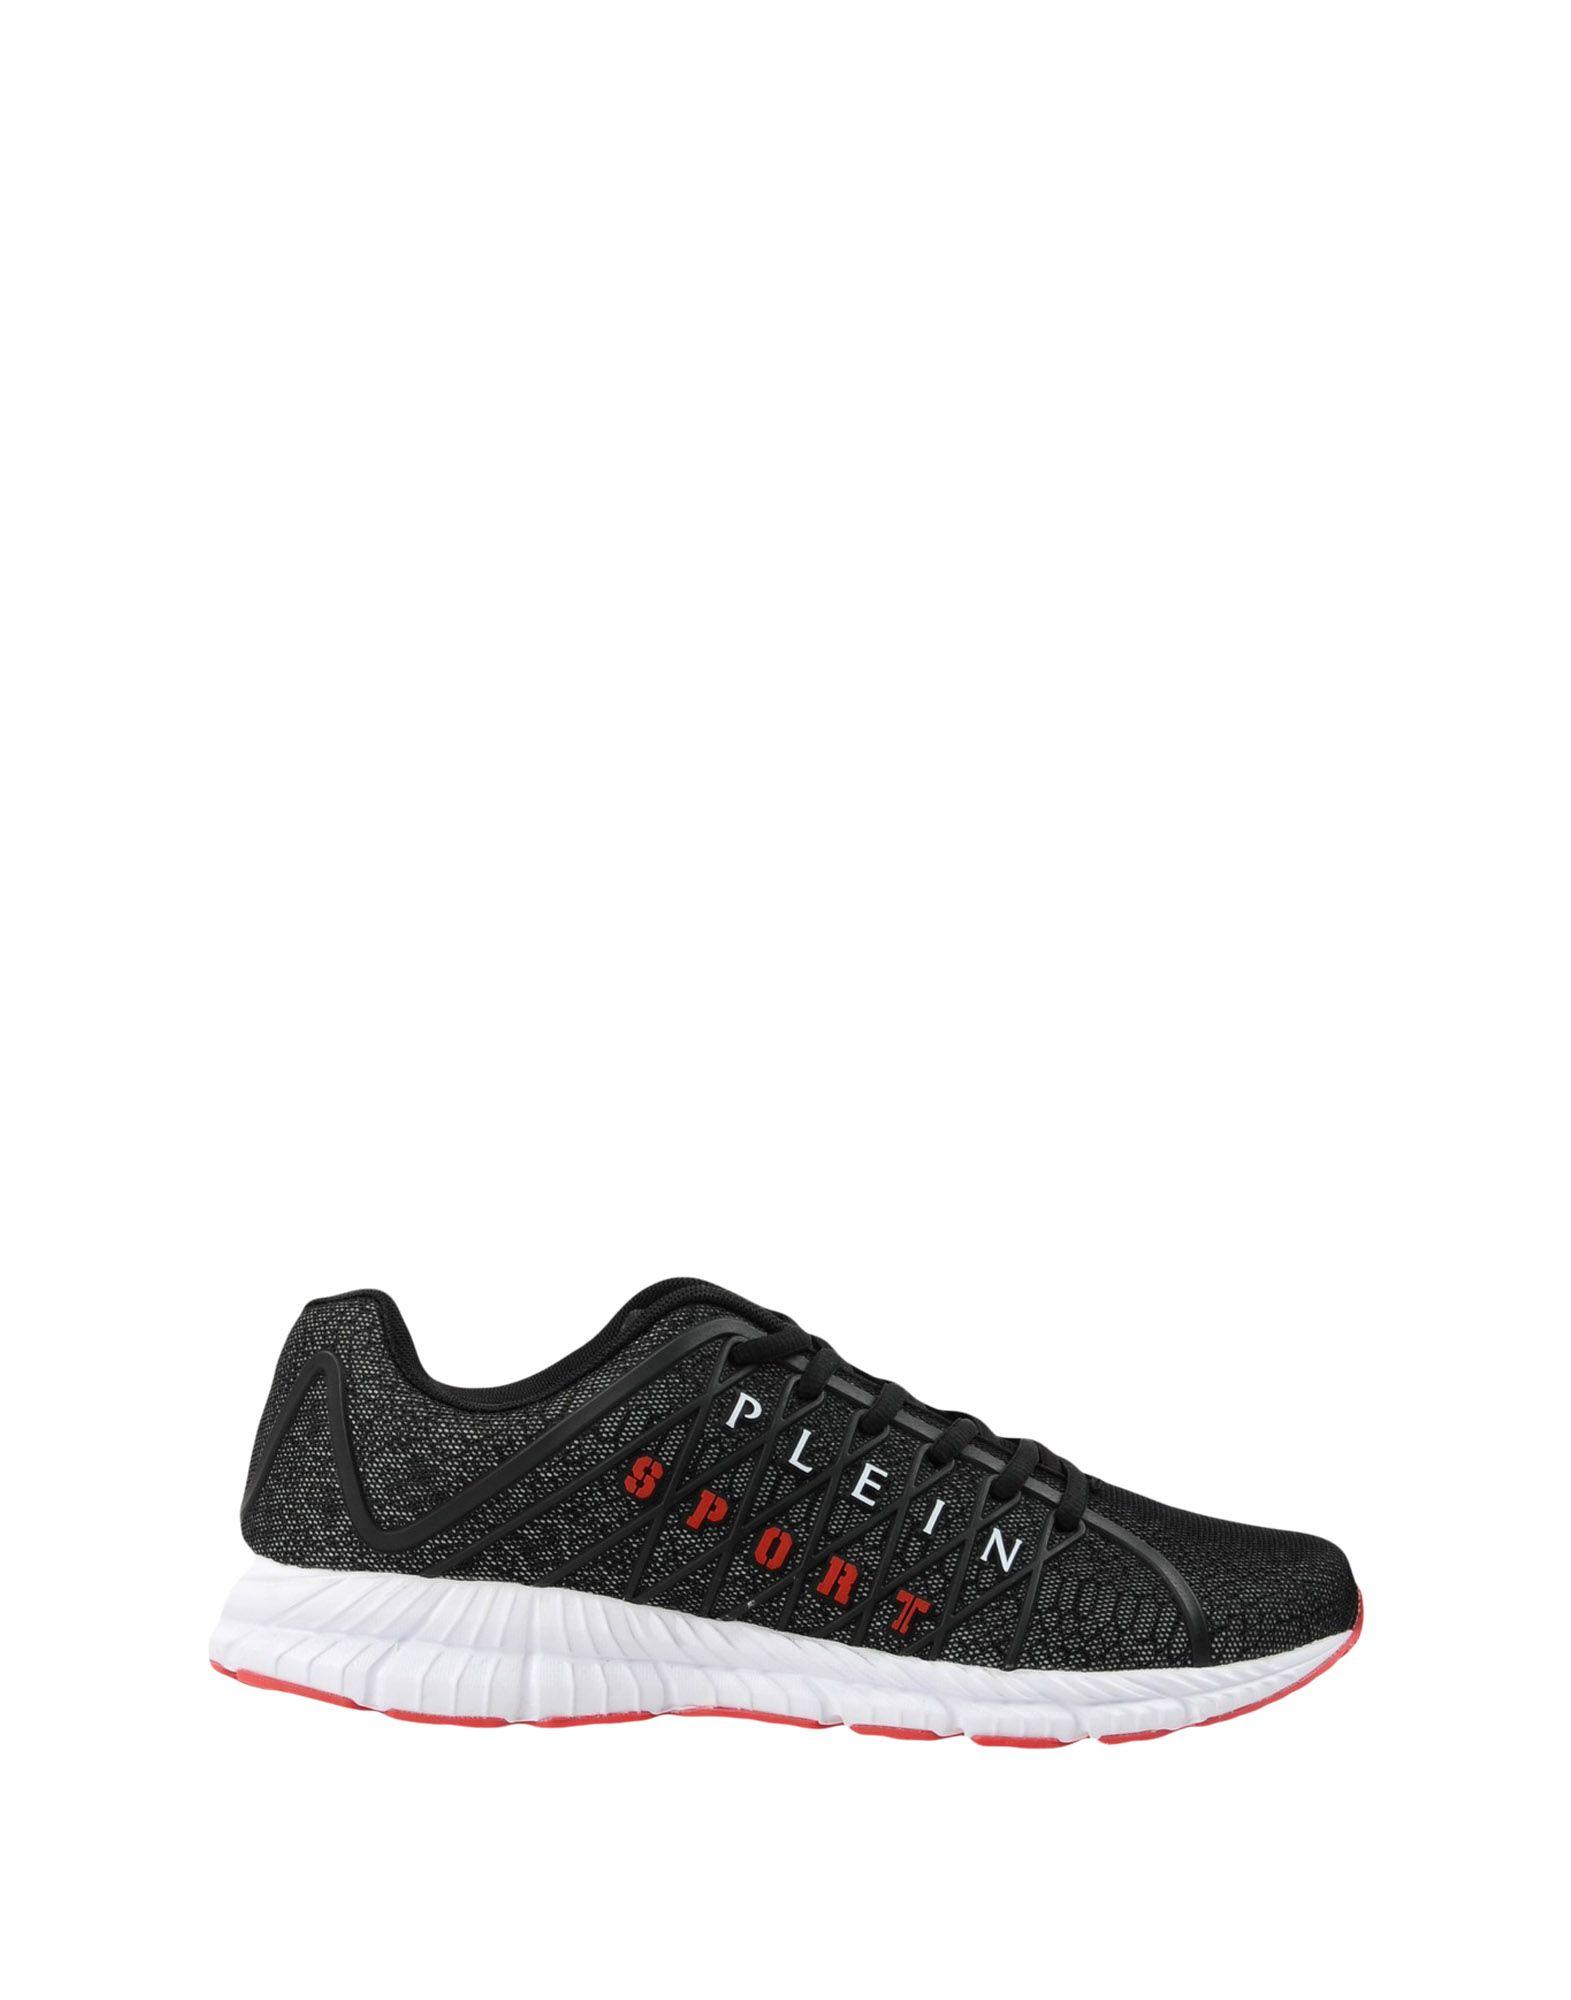 Sneakers Plein Sport Runner Edward - Femme - Sneakers Plein Sport sur